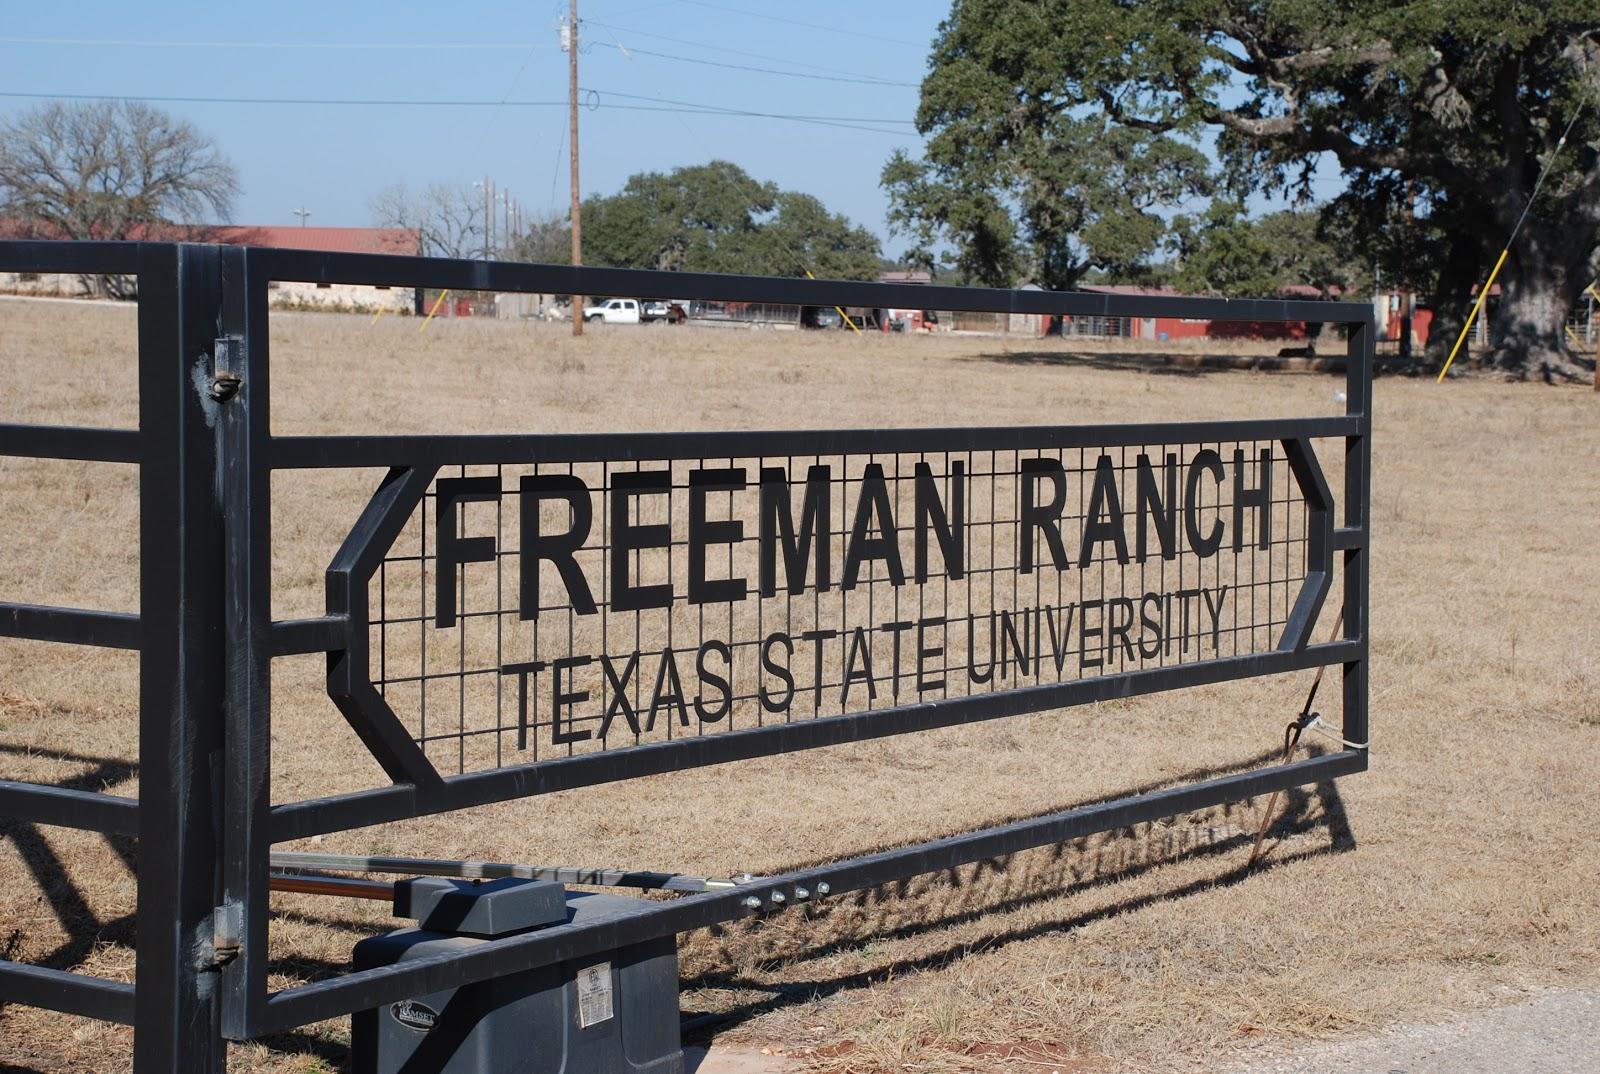 http://1.bp.blogspot.com/_njzFz1w9UVw/TUrYNUNRxuI/AAAAAAAAAFA/VOh9jmZagTg/s1600/ranch%2Bgate.jpg